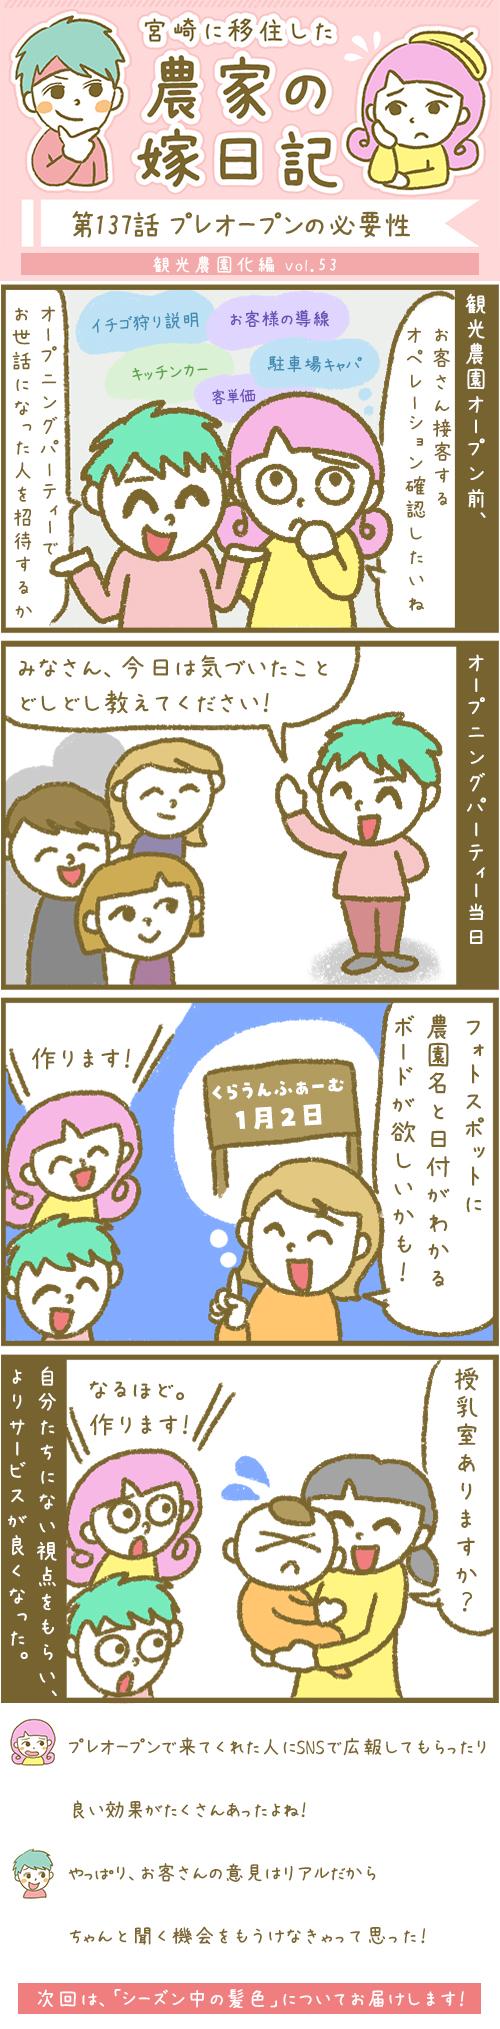 漫画第137話